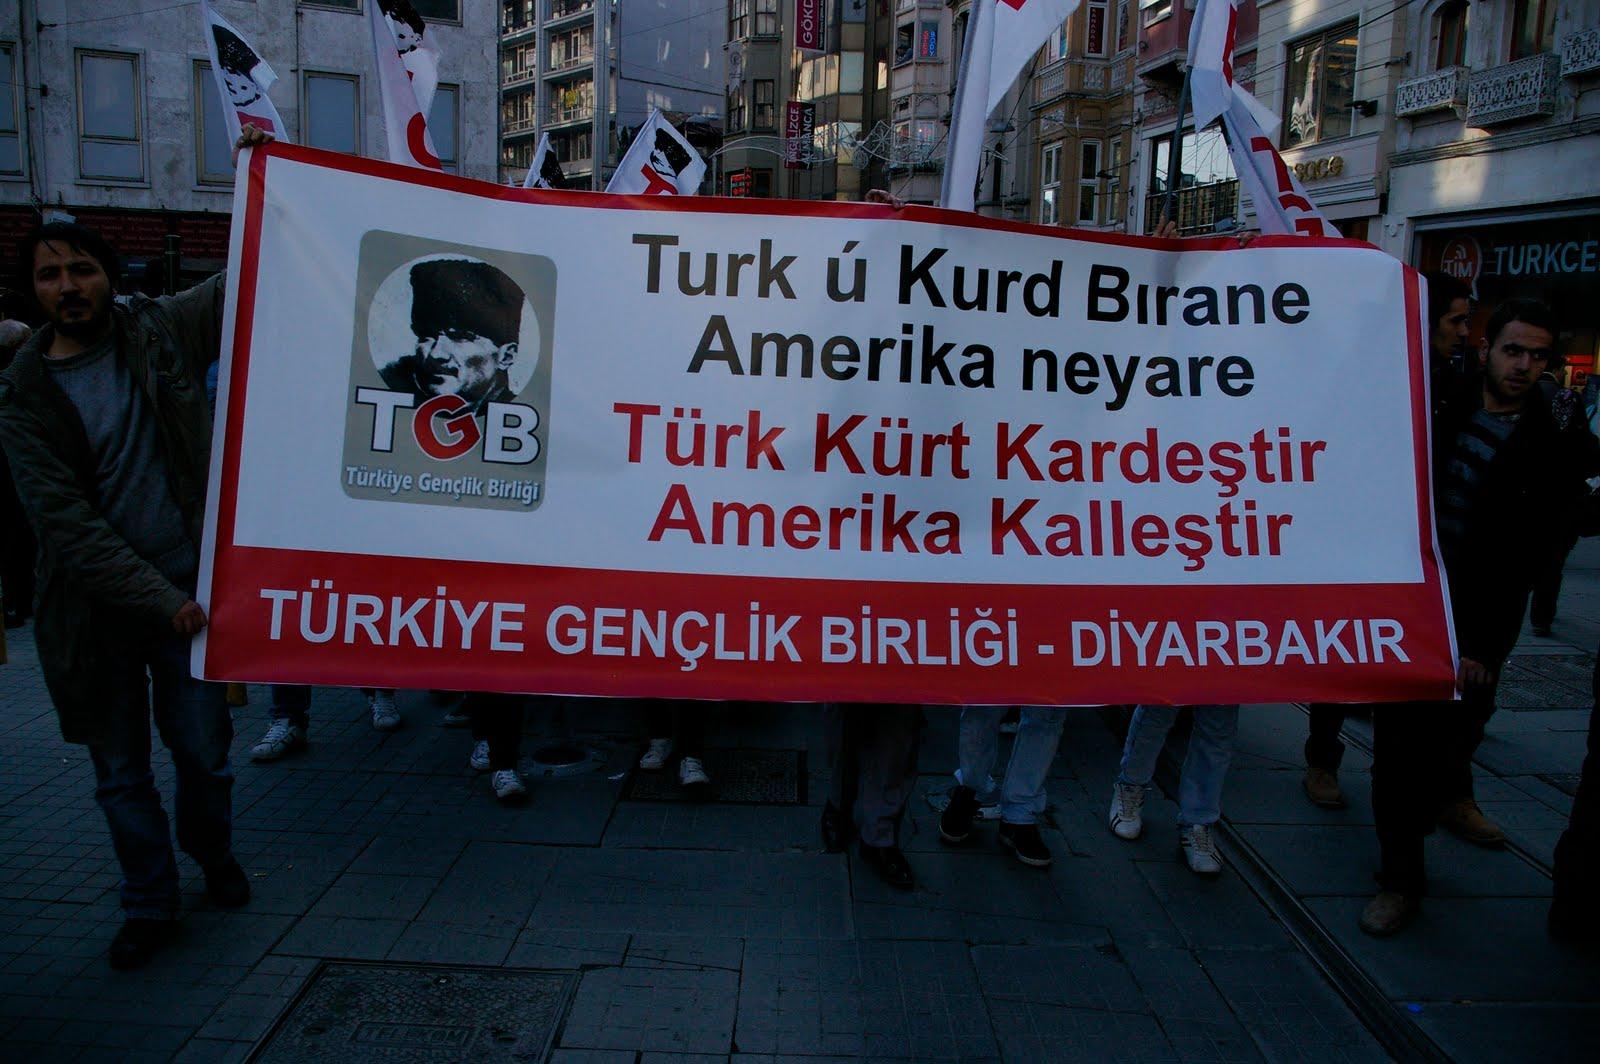 Türk Kürt Kardeştir